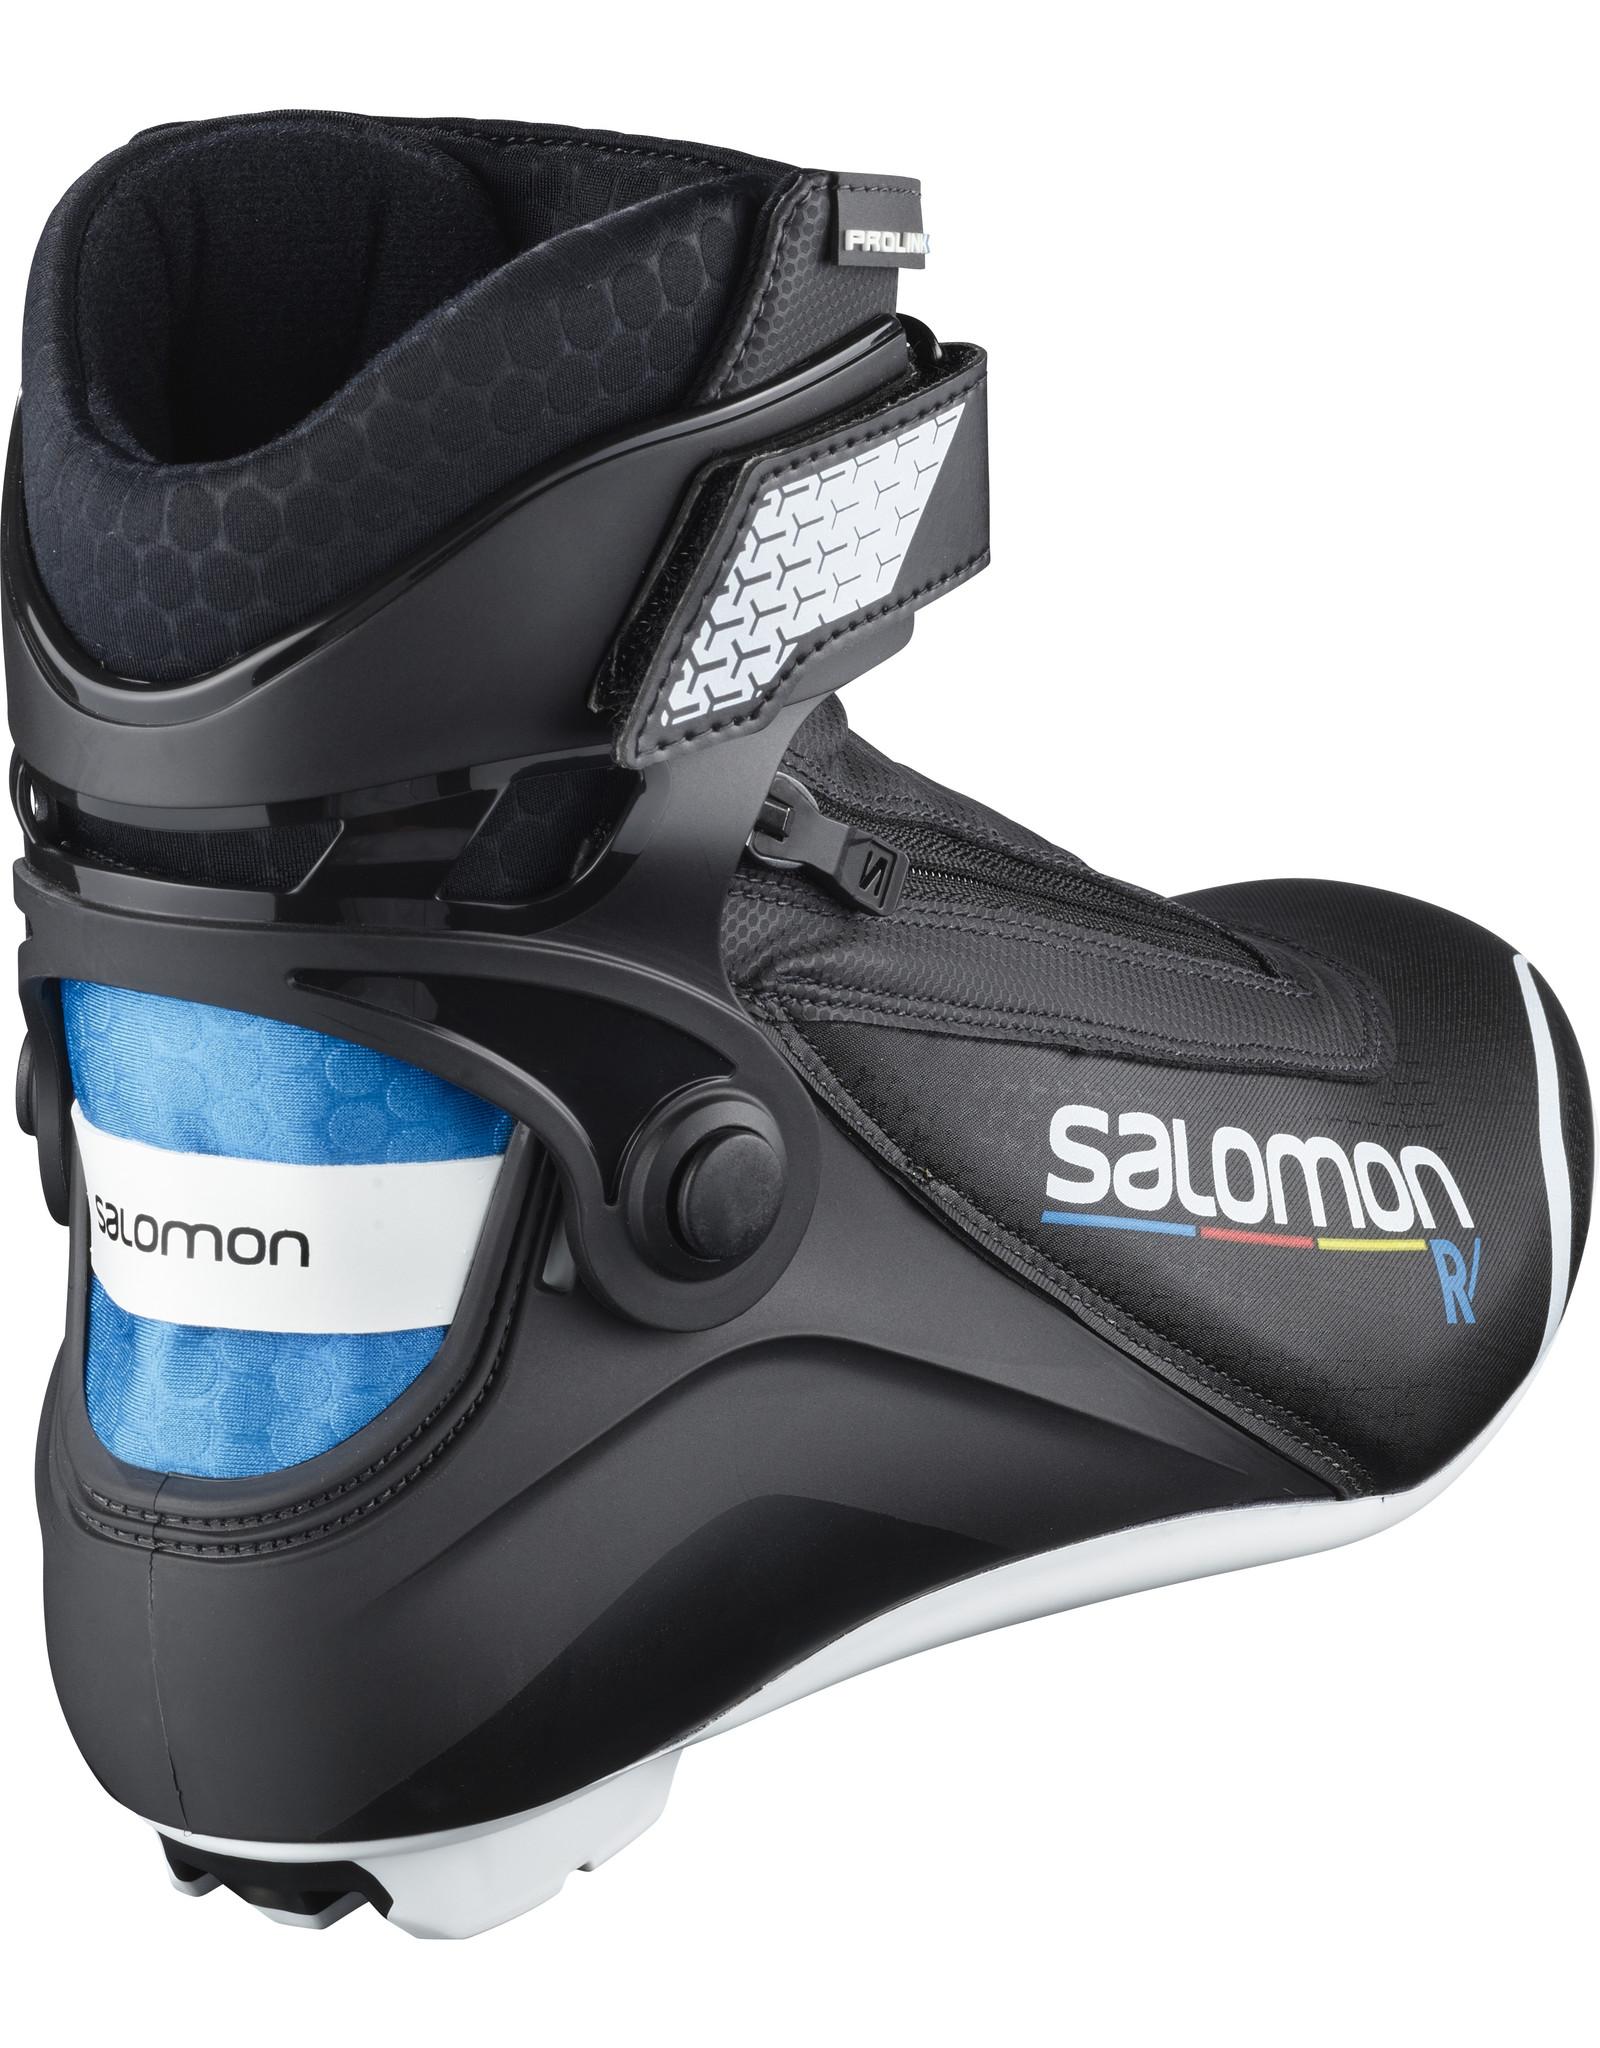 Salomon R/Combi Prolink